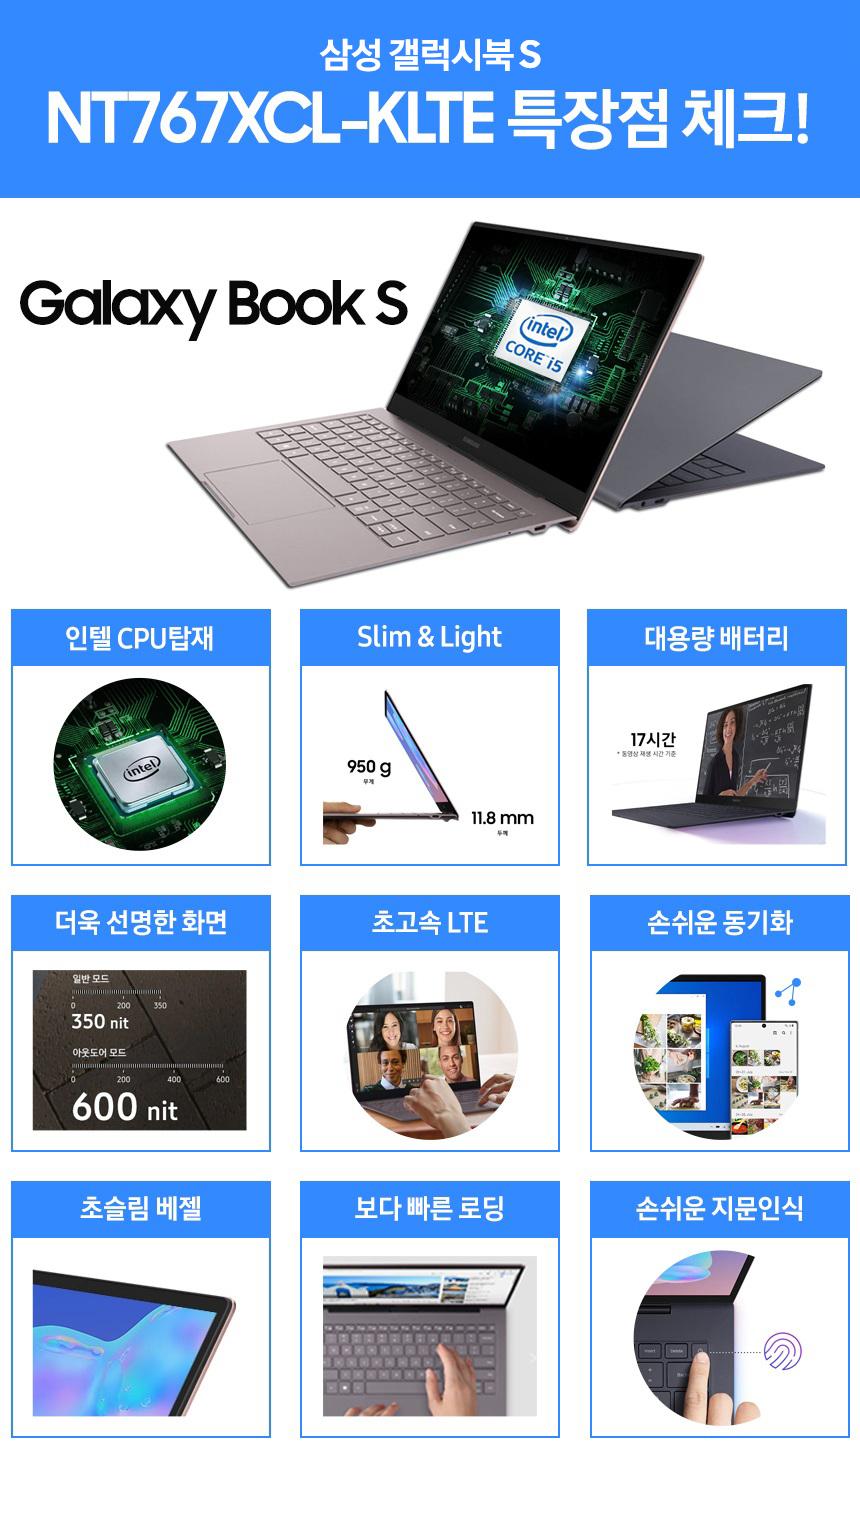 삼성전자(SAMSUNG ELECTRONICS) 갤럭시북 S NT767XCL-KLTE (LTE겸용모델)